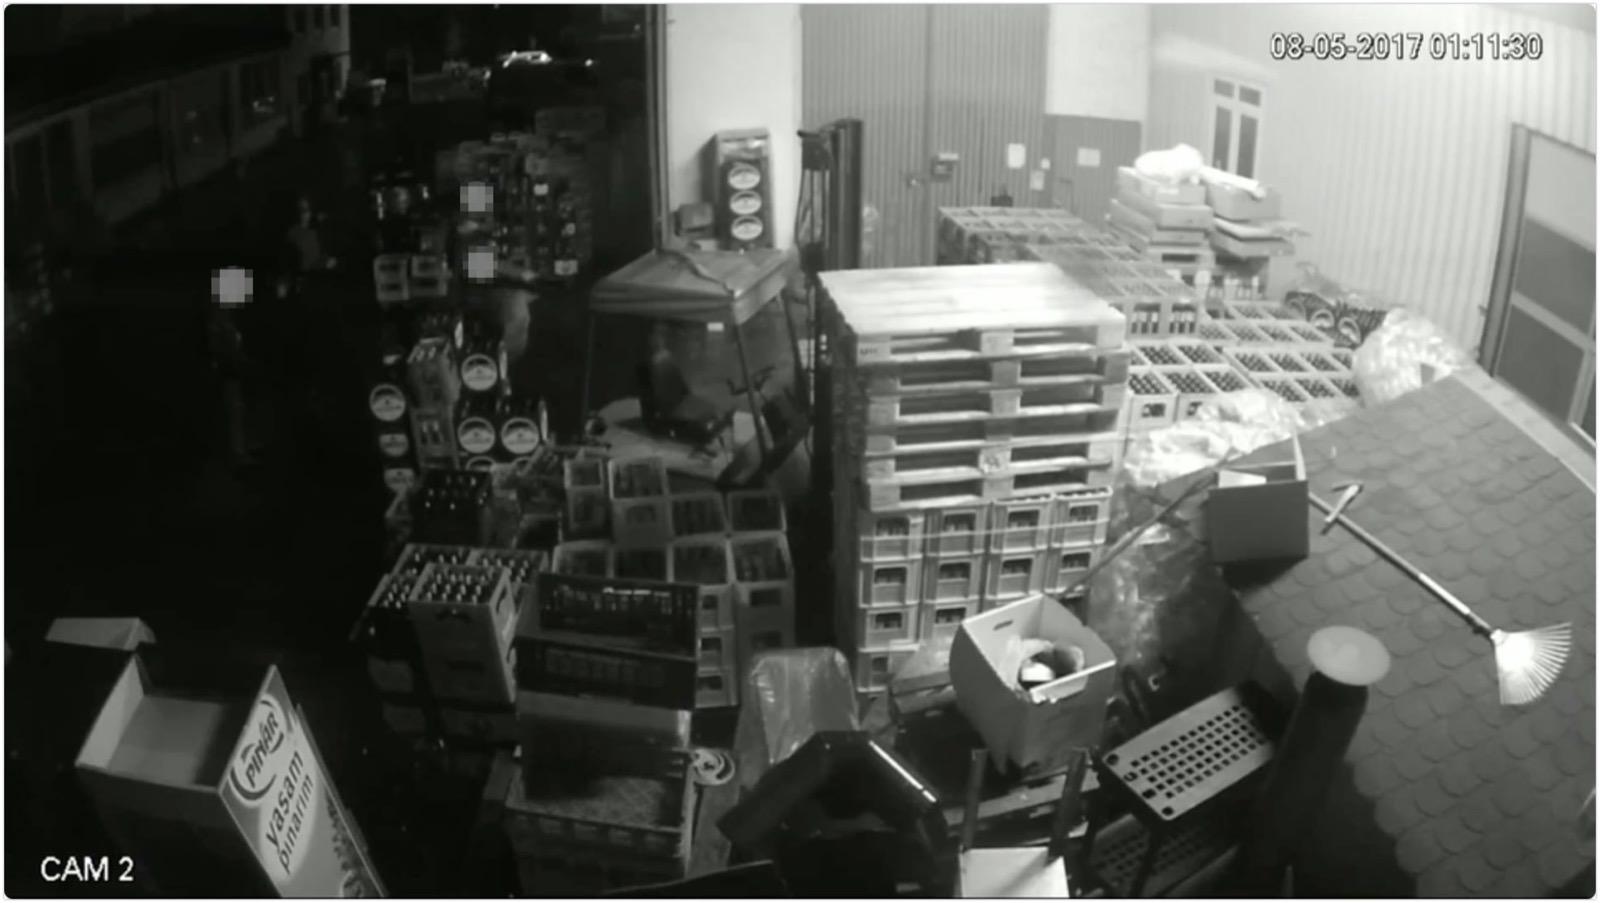 Screenshot aus dem Video der Überwachungskamera